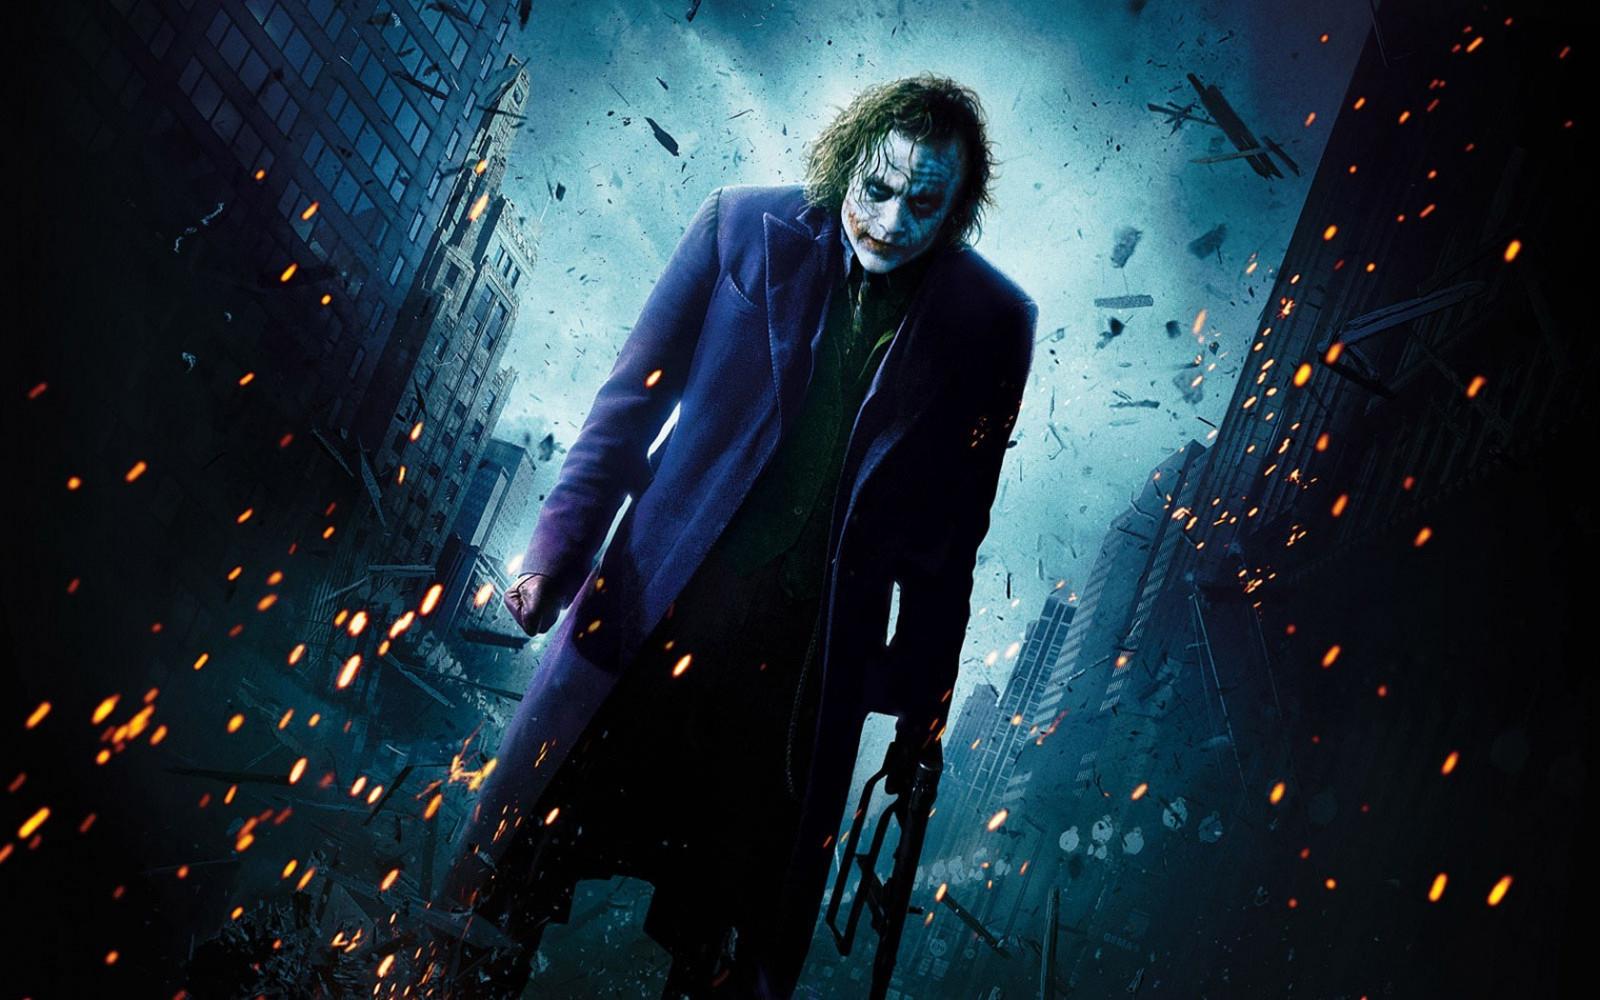 Fond d'écran : 1680x1050 px, Homme chauve-souris, Joker, Le Chevalier Noir 1680x1050 ...